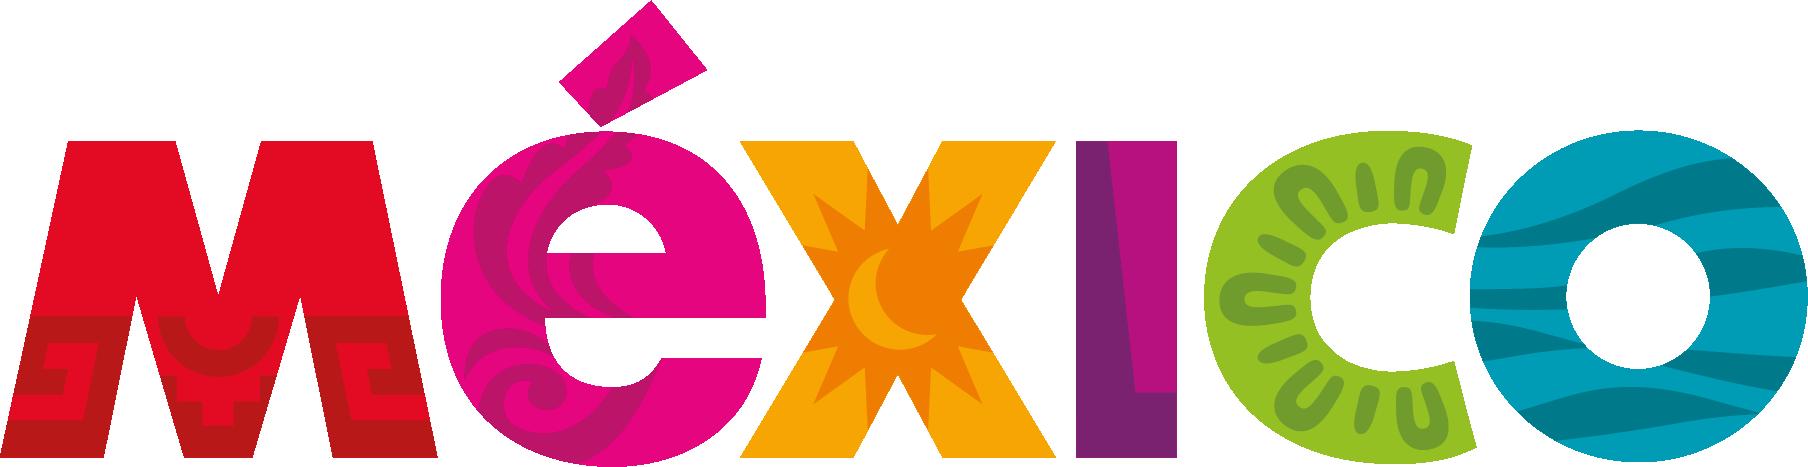 logo-de-mexico-png-5.png